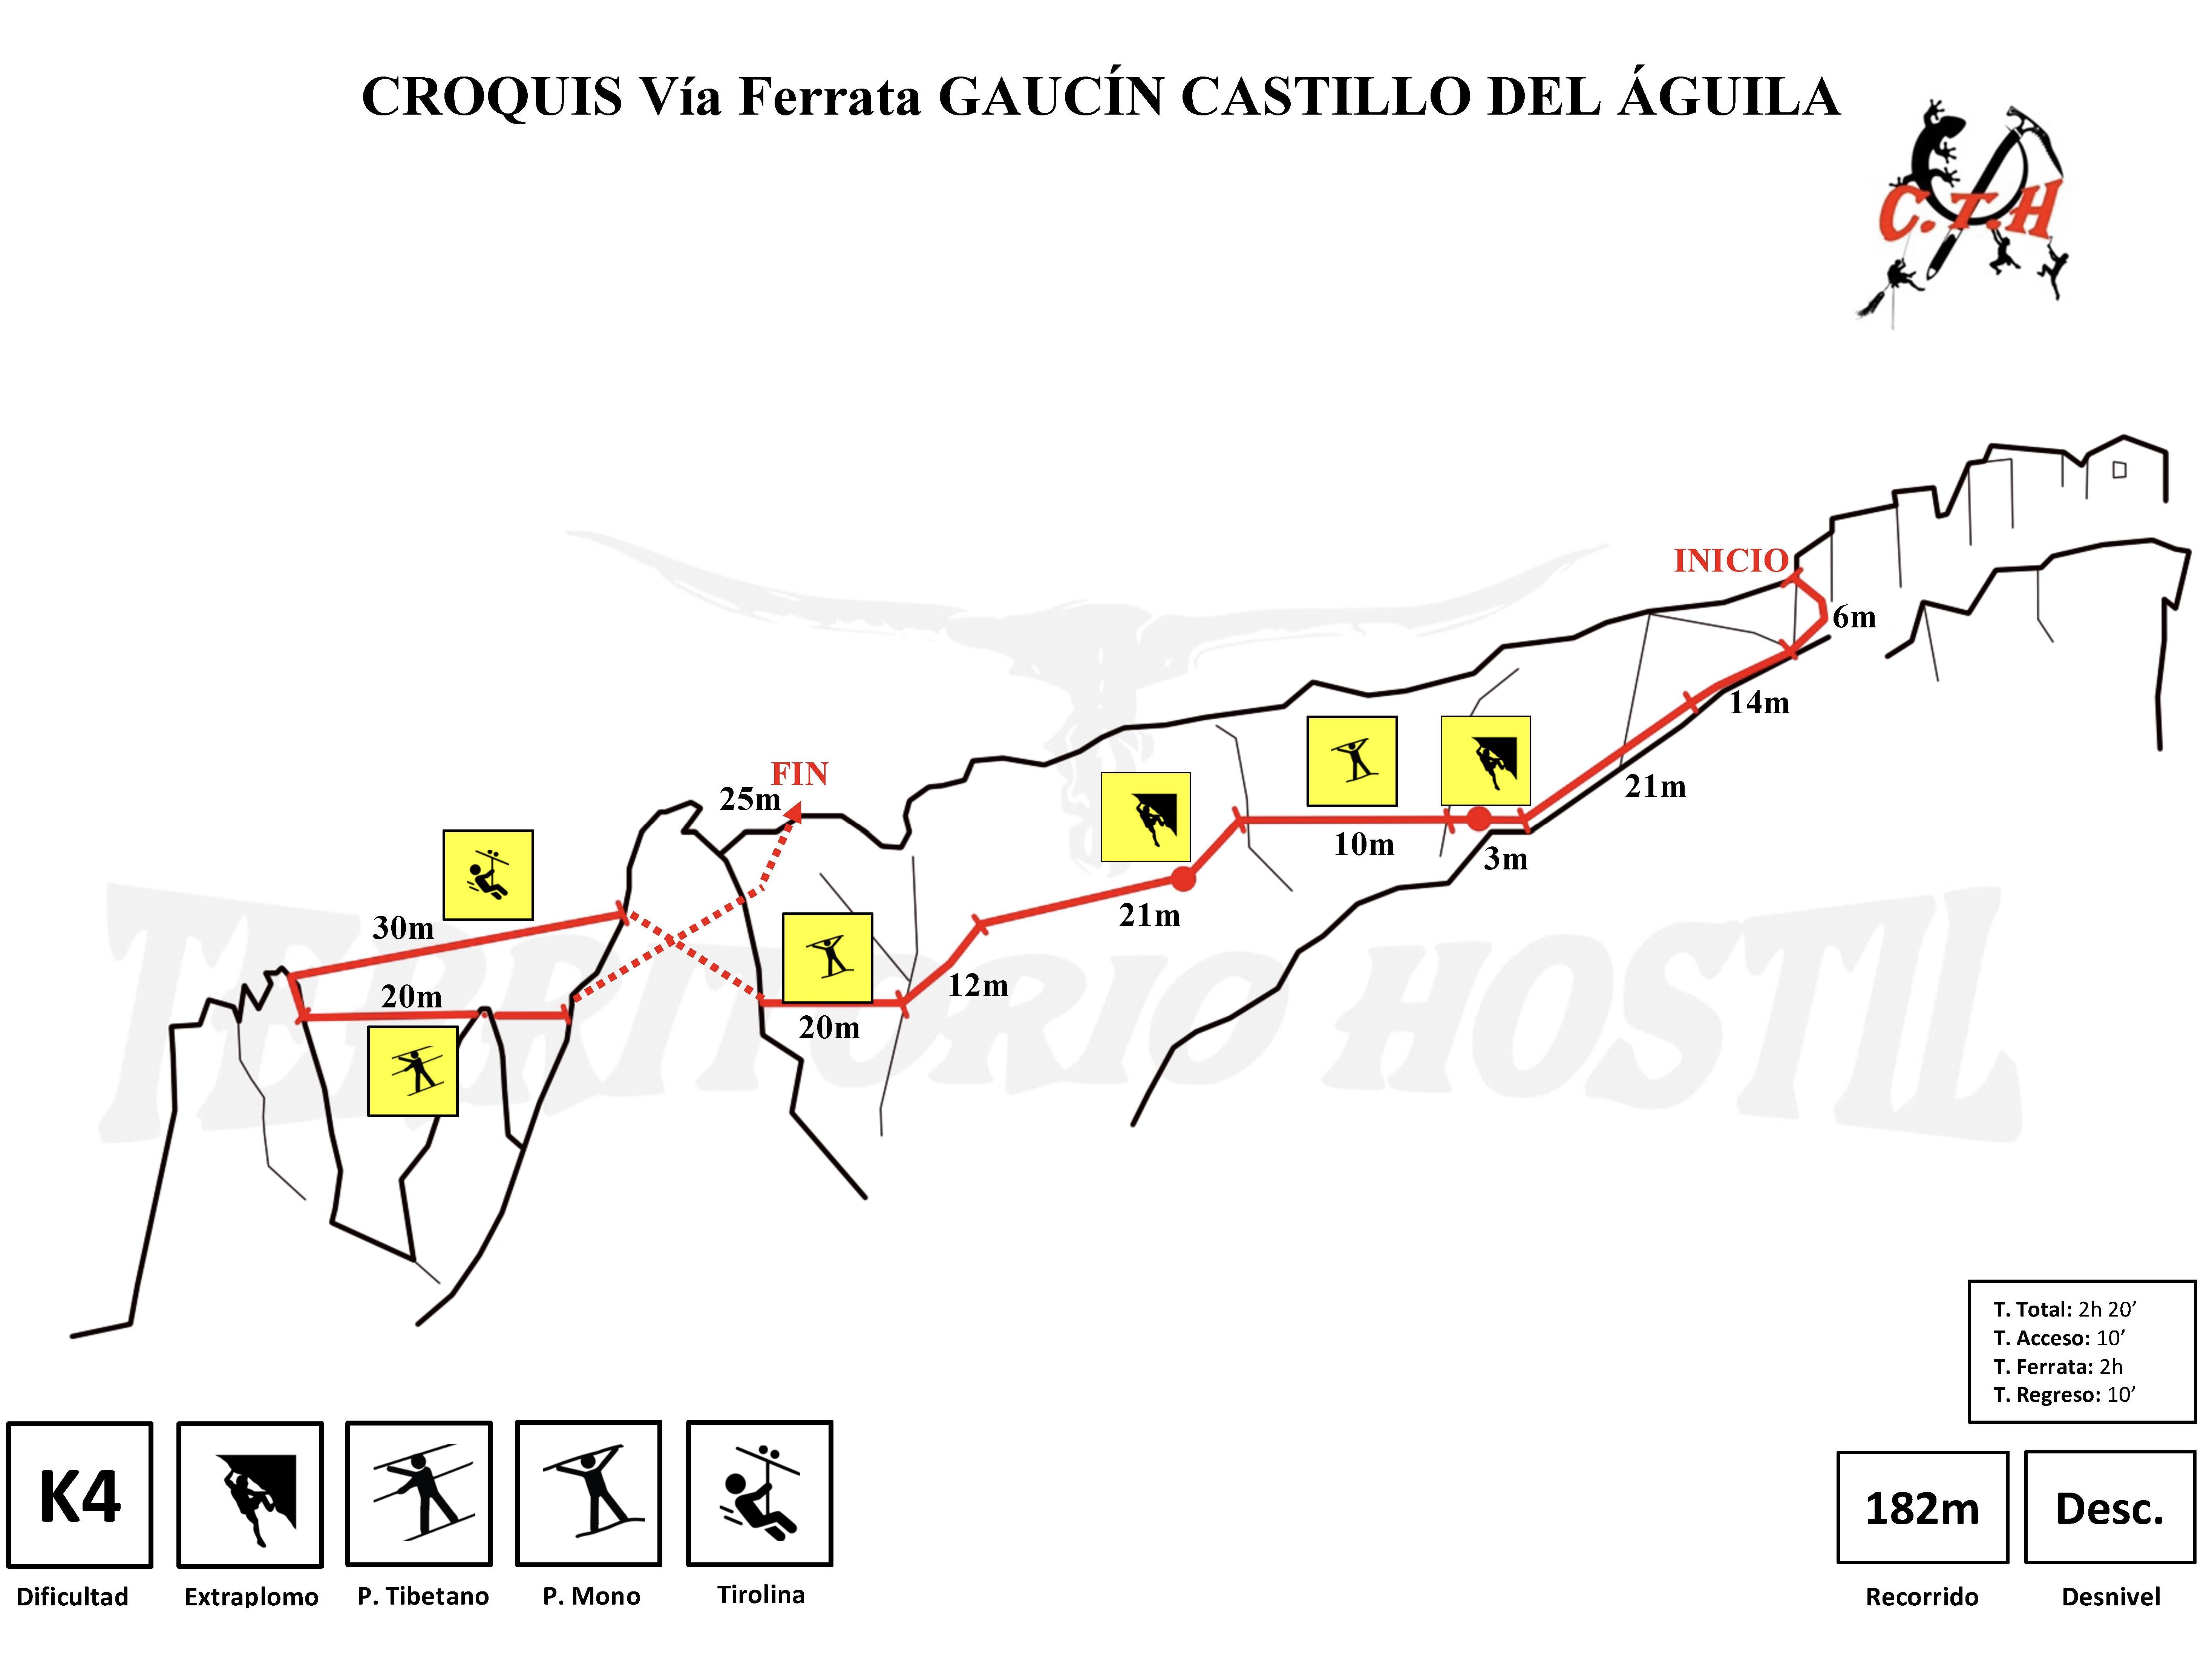 Croquis Vía Ferrata Gaucín Castillo del Águila